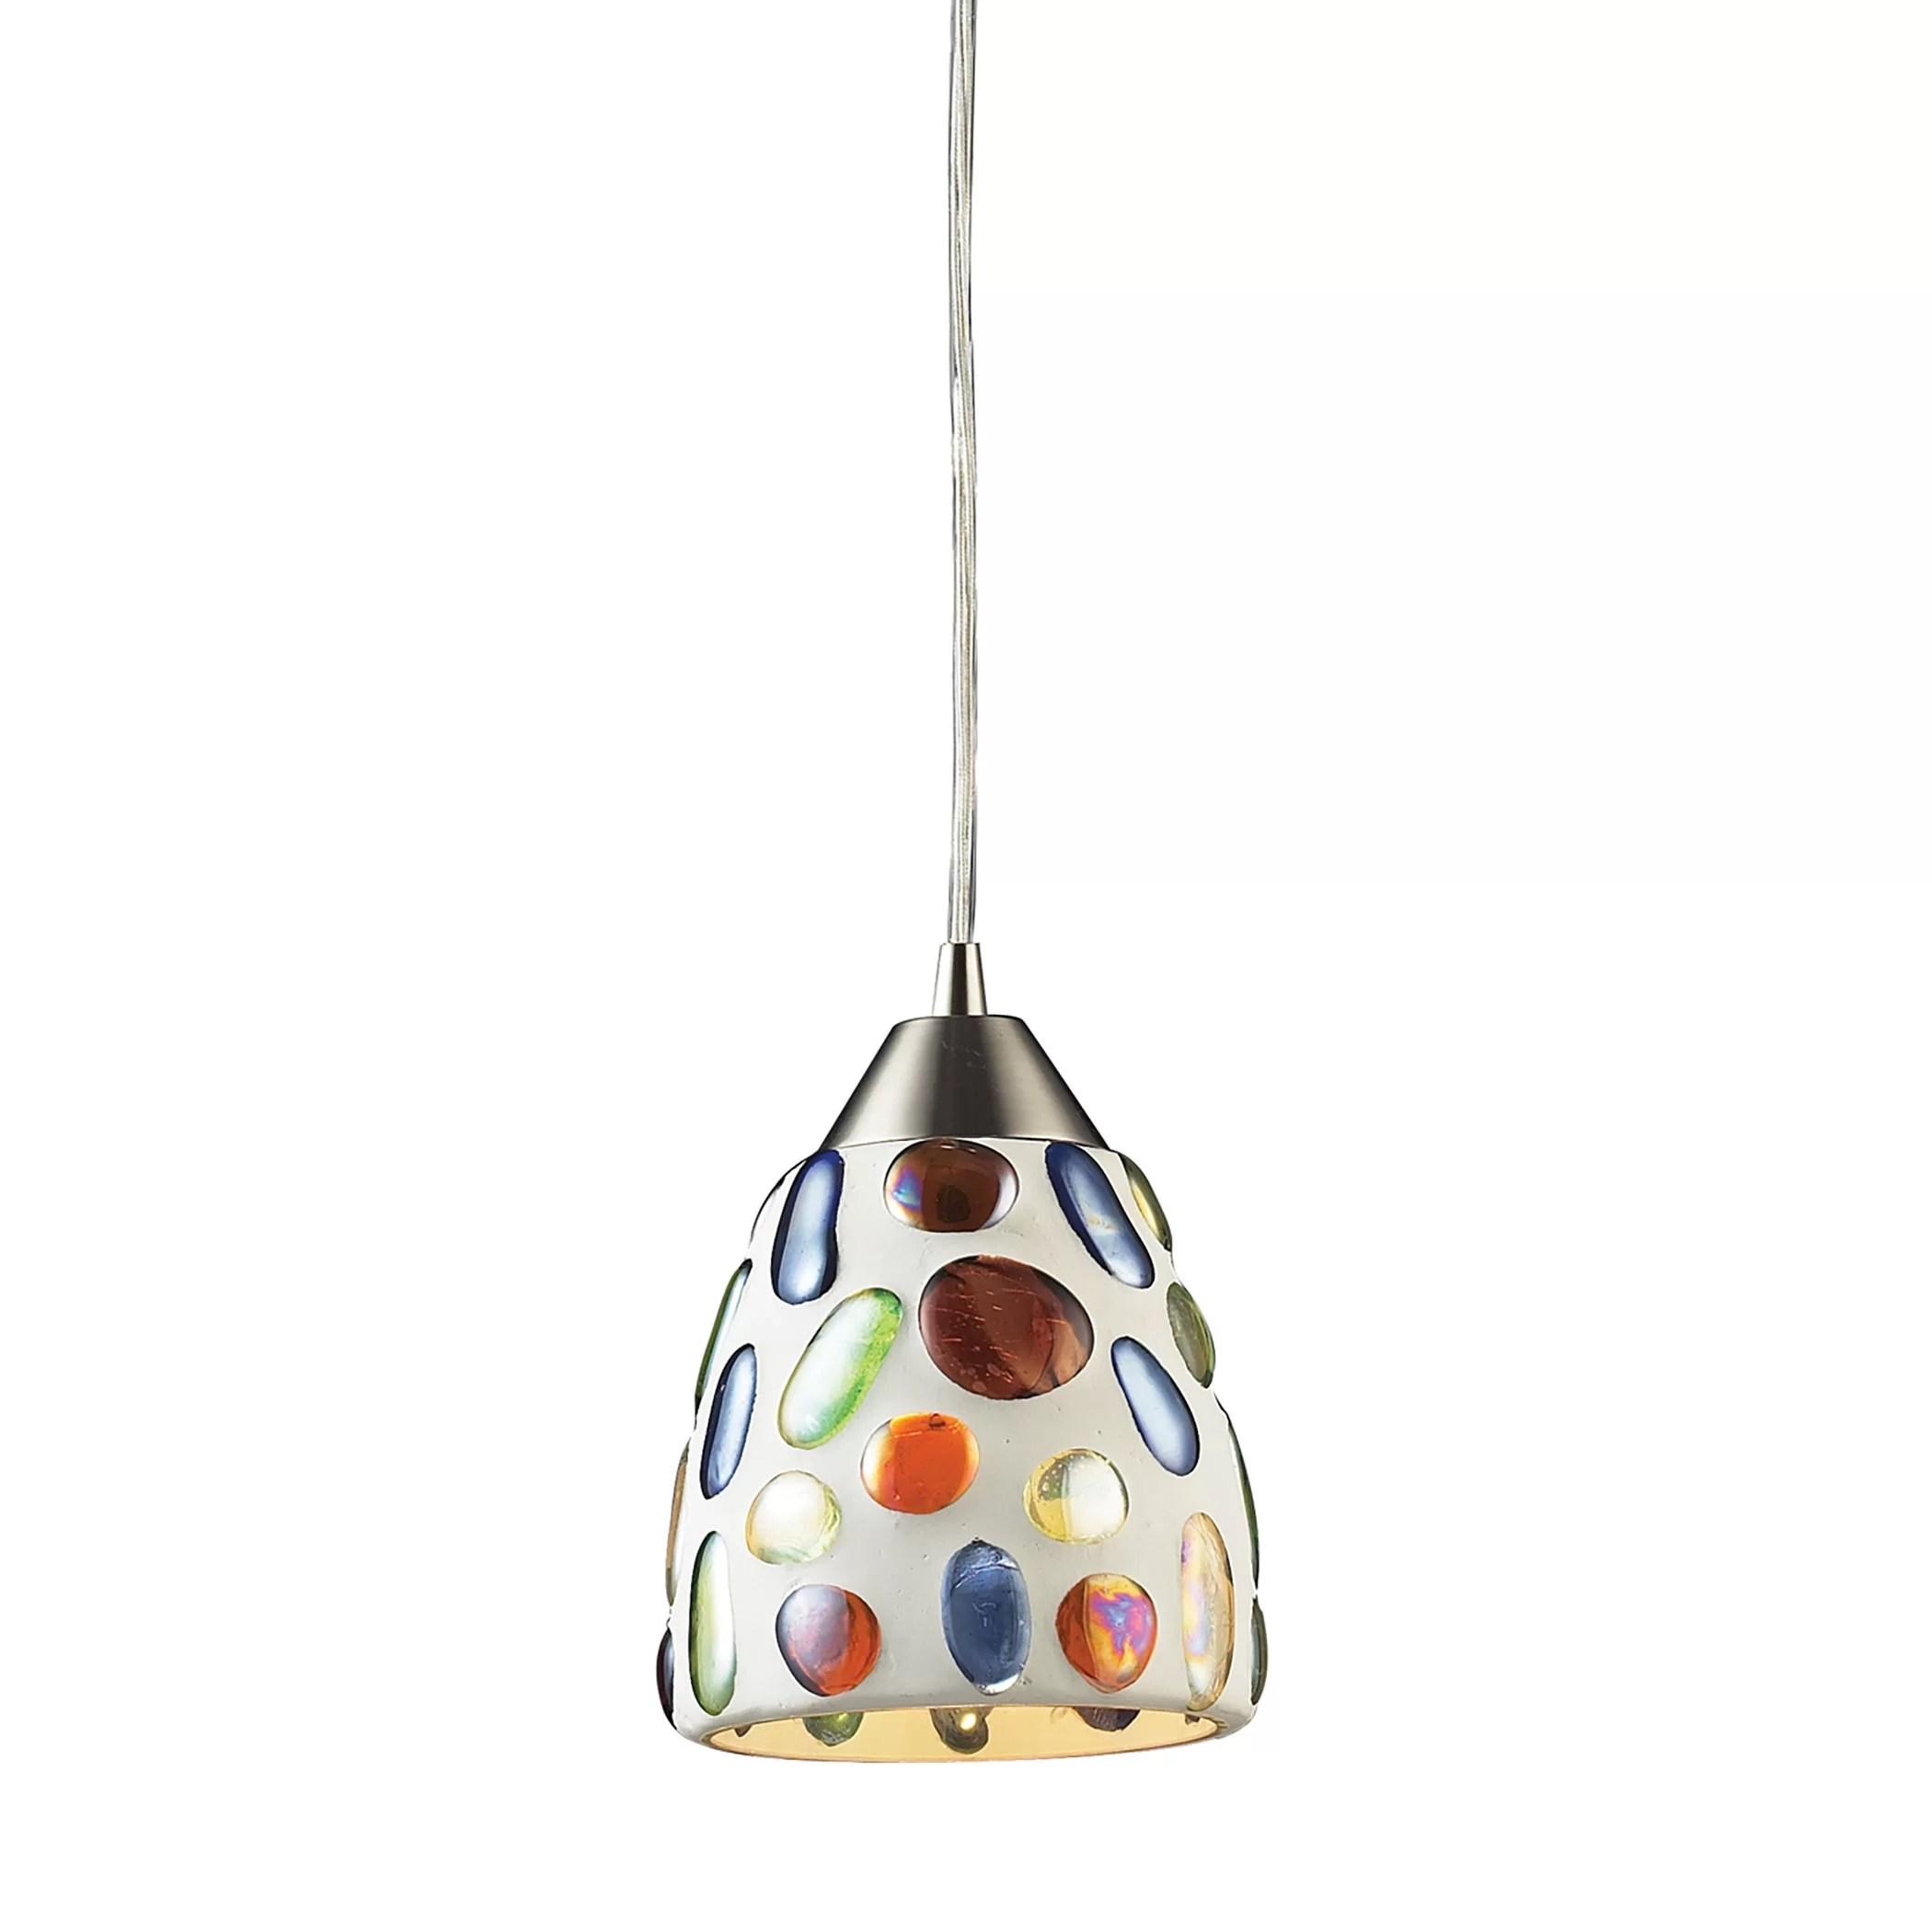 Miniature Pendant Lights